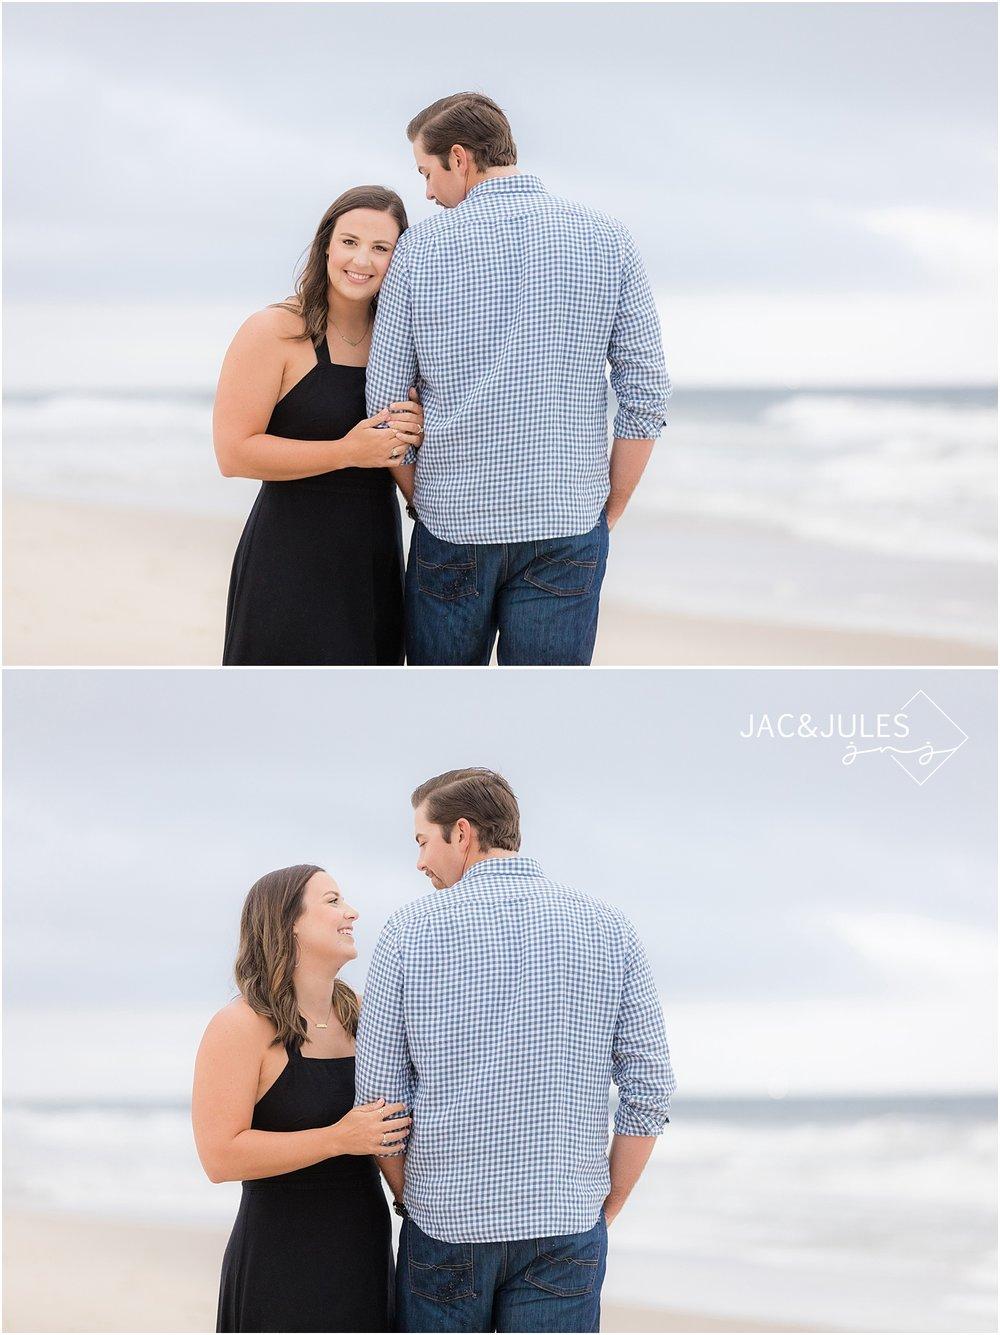 mantaloking nj Engagement photos